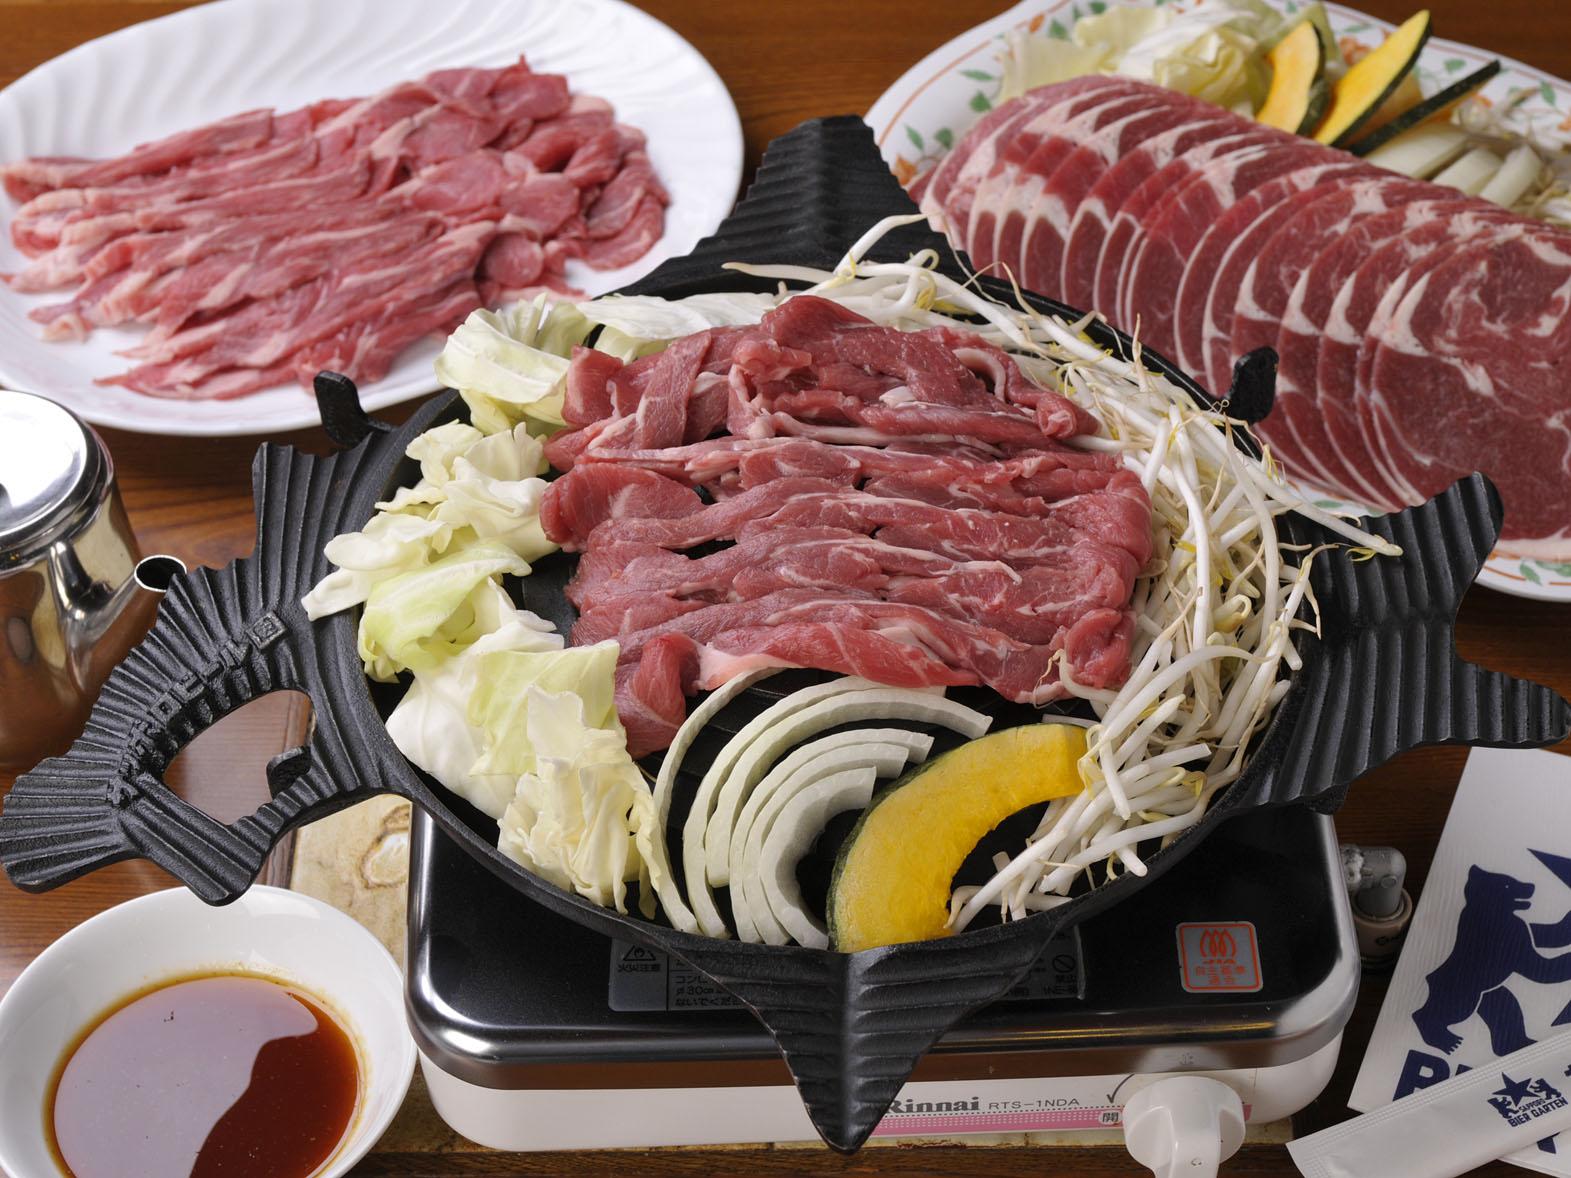 Genghis Khan mutton BBQ